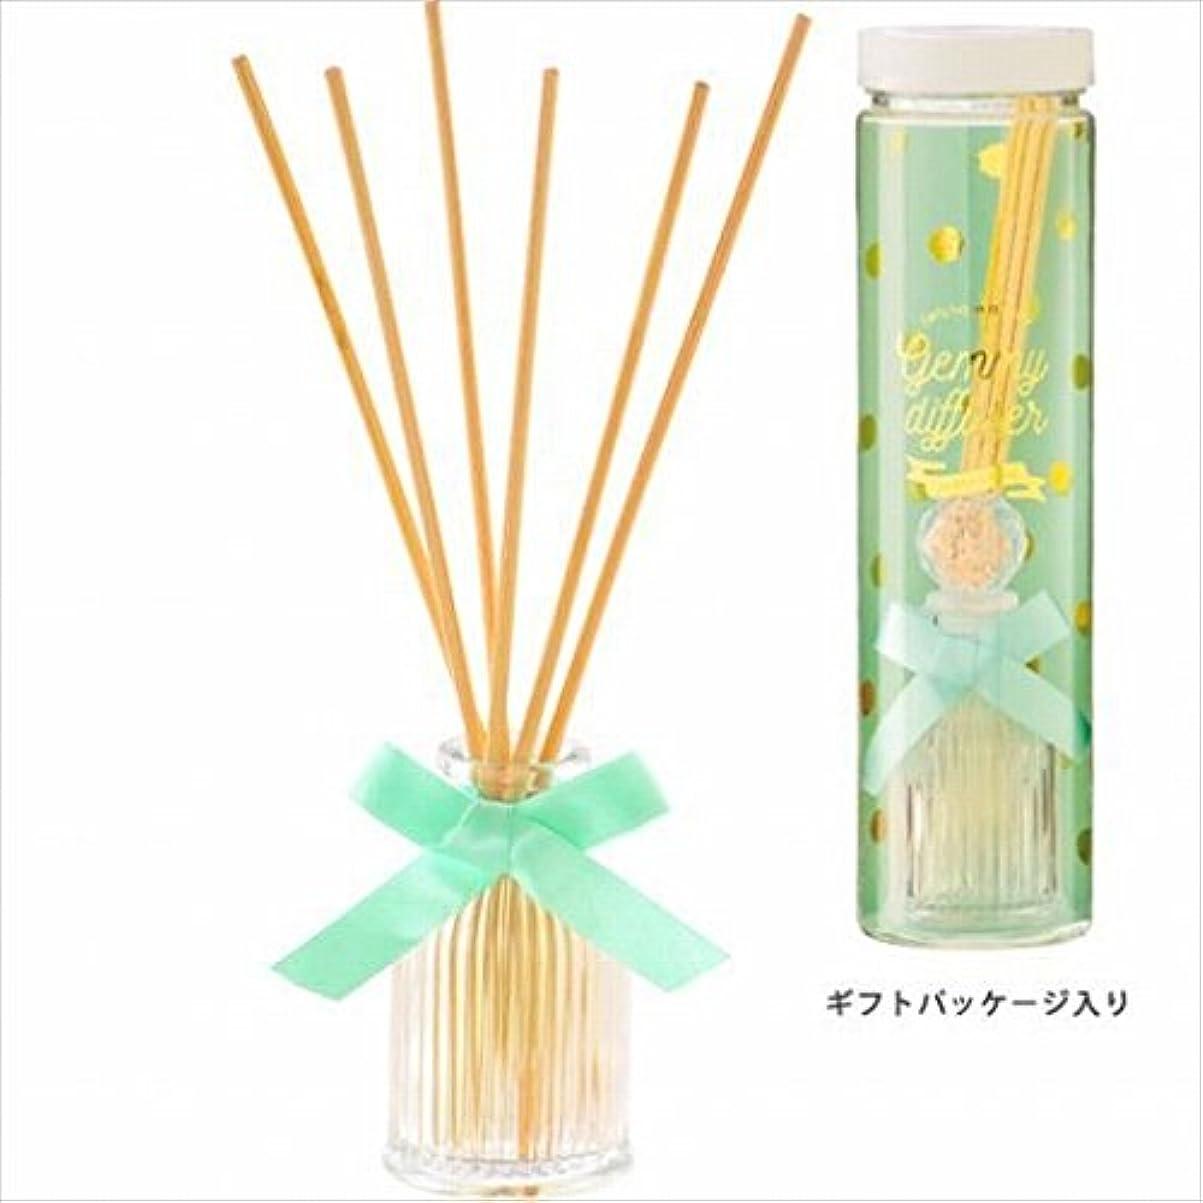 強化する平野韓国語カメヤマキャンドル(kameyama candle) GEMMY (ジェミー) ディフューザー 「 タイム 」6個セット